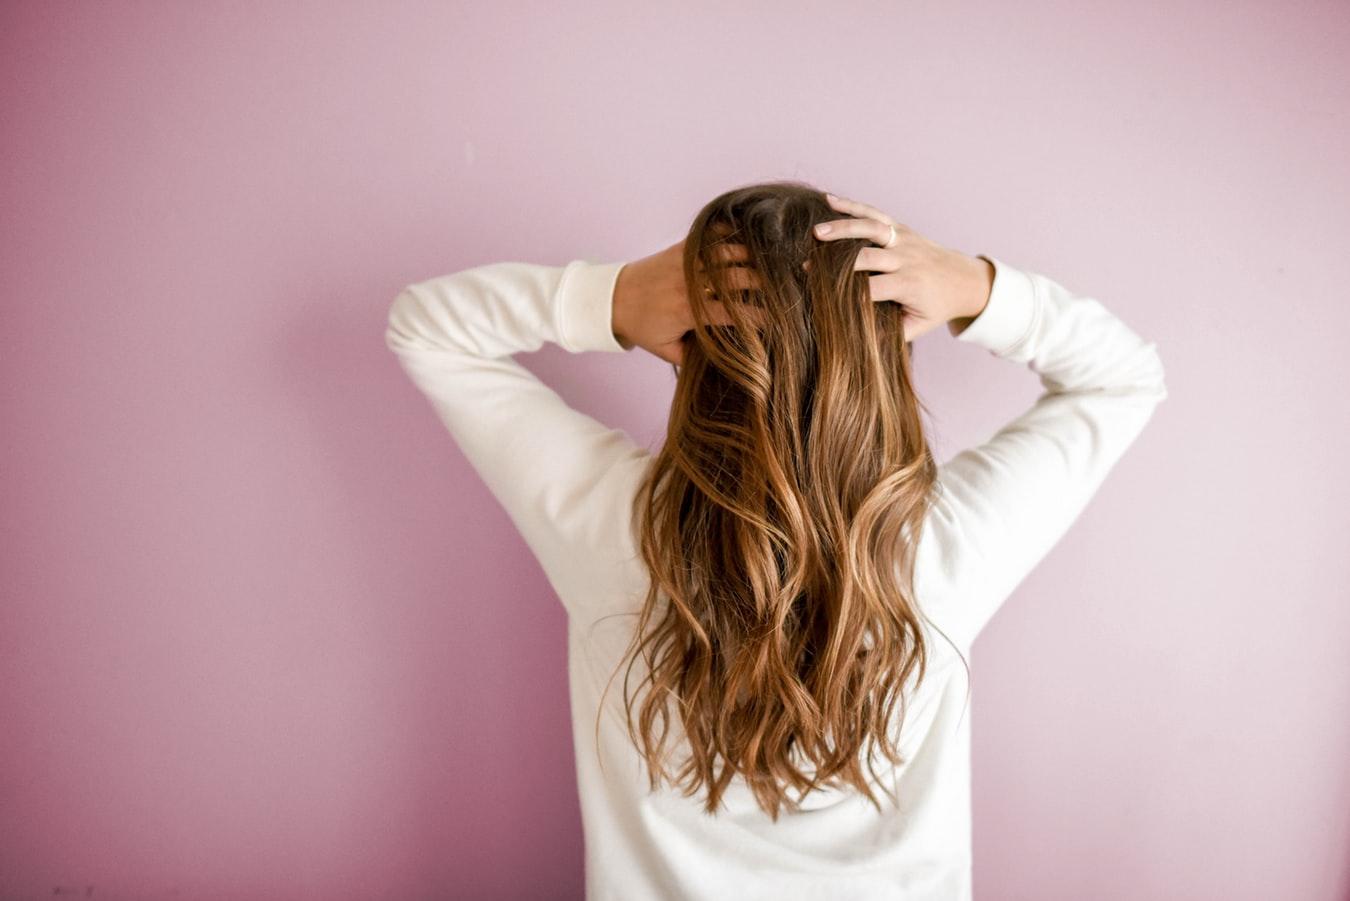 公務員の勤務中の髪型について【決まりはある?】